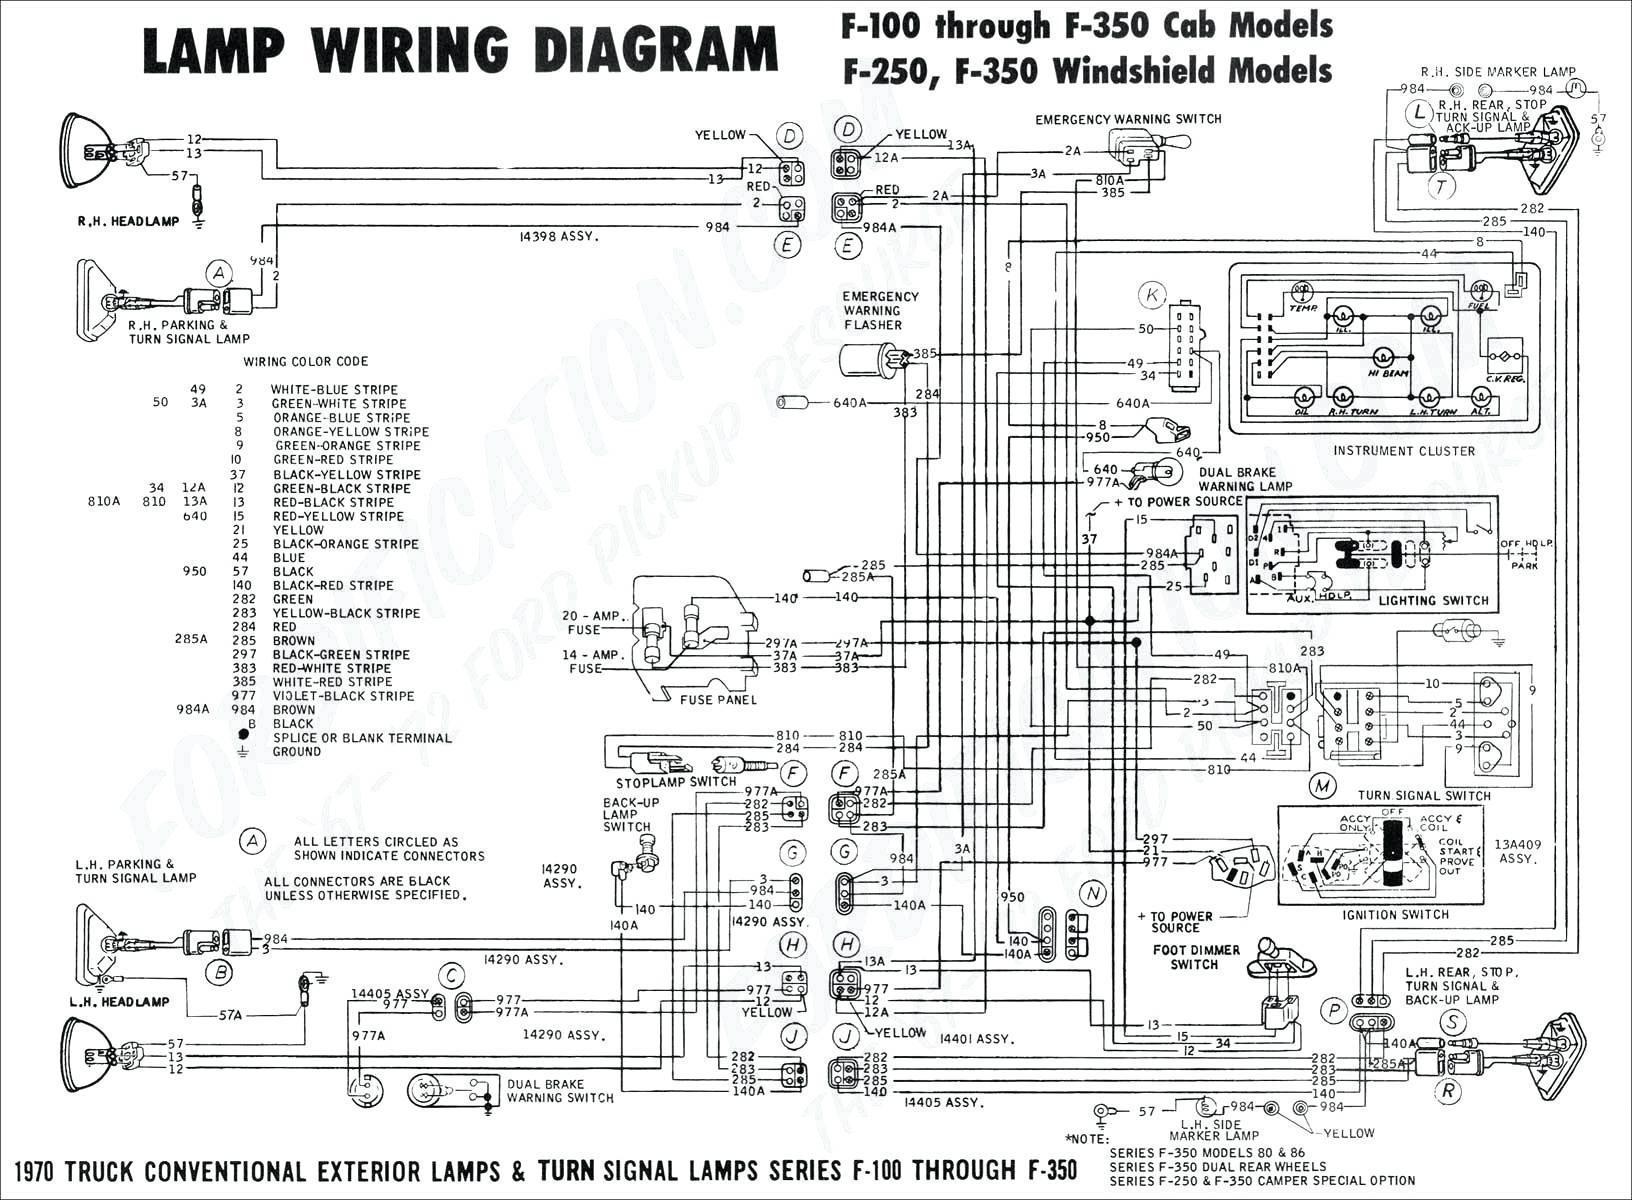 Stop Light Diagram 2001 Silverado Tail Light Wiring Diagram